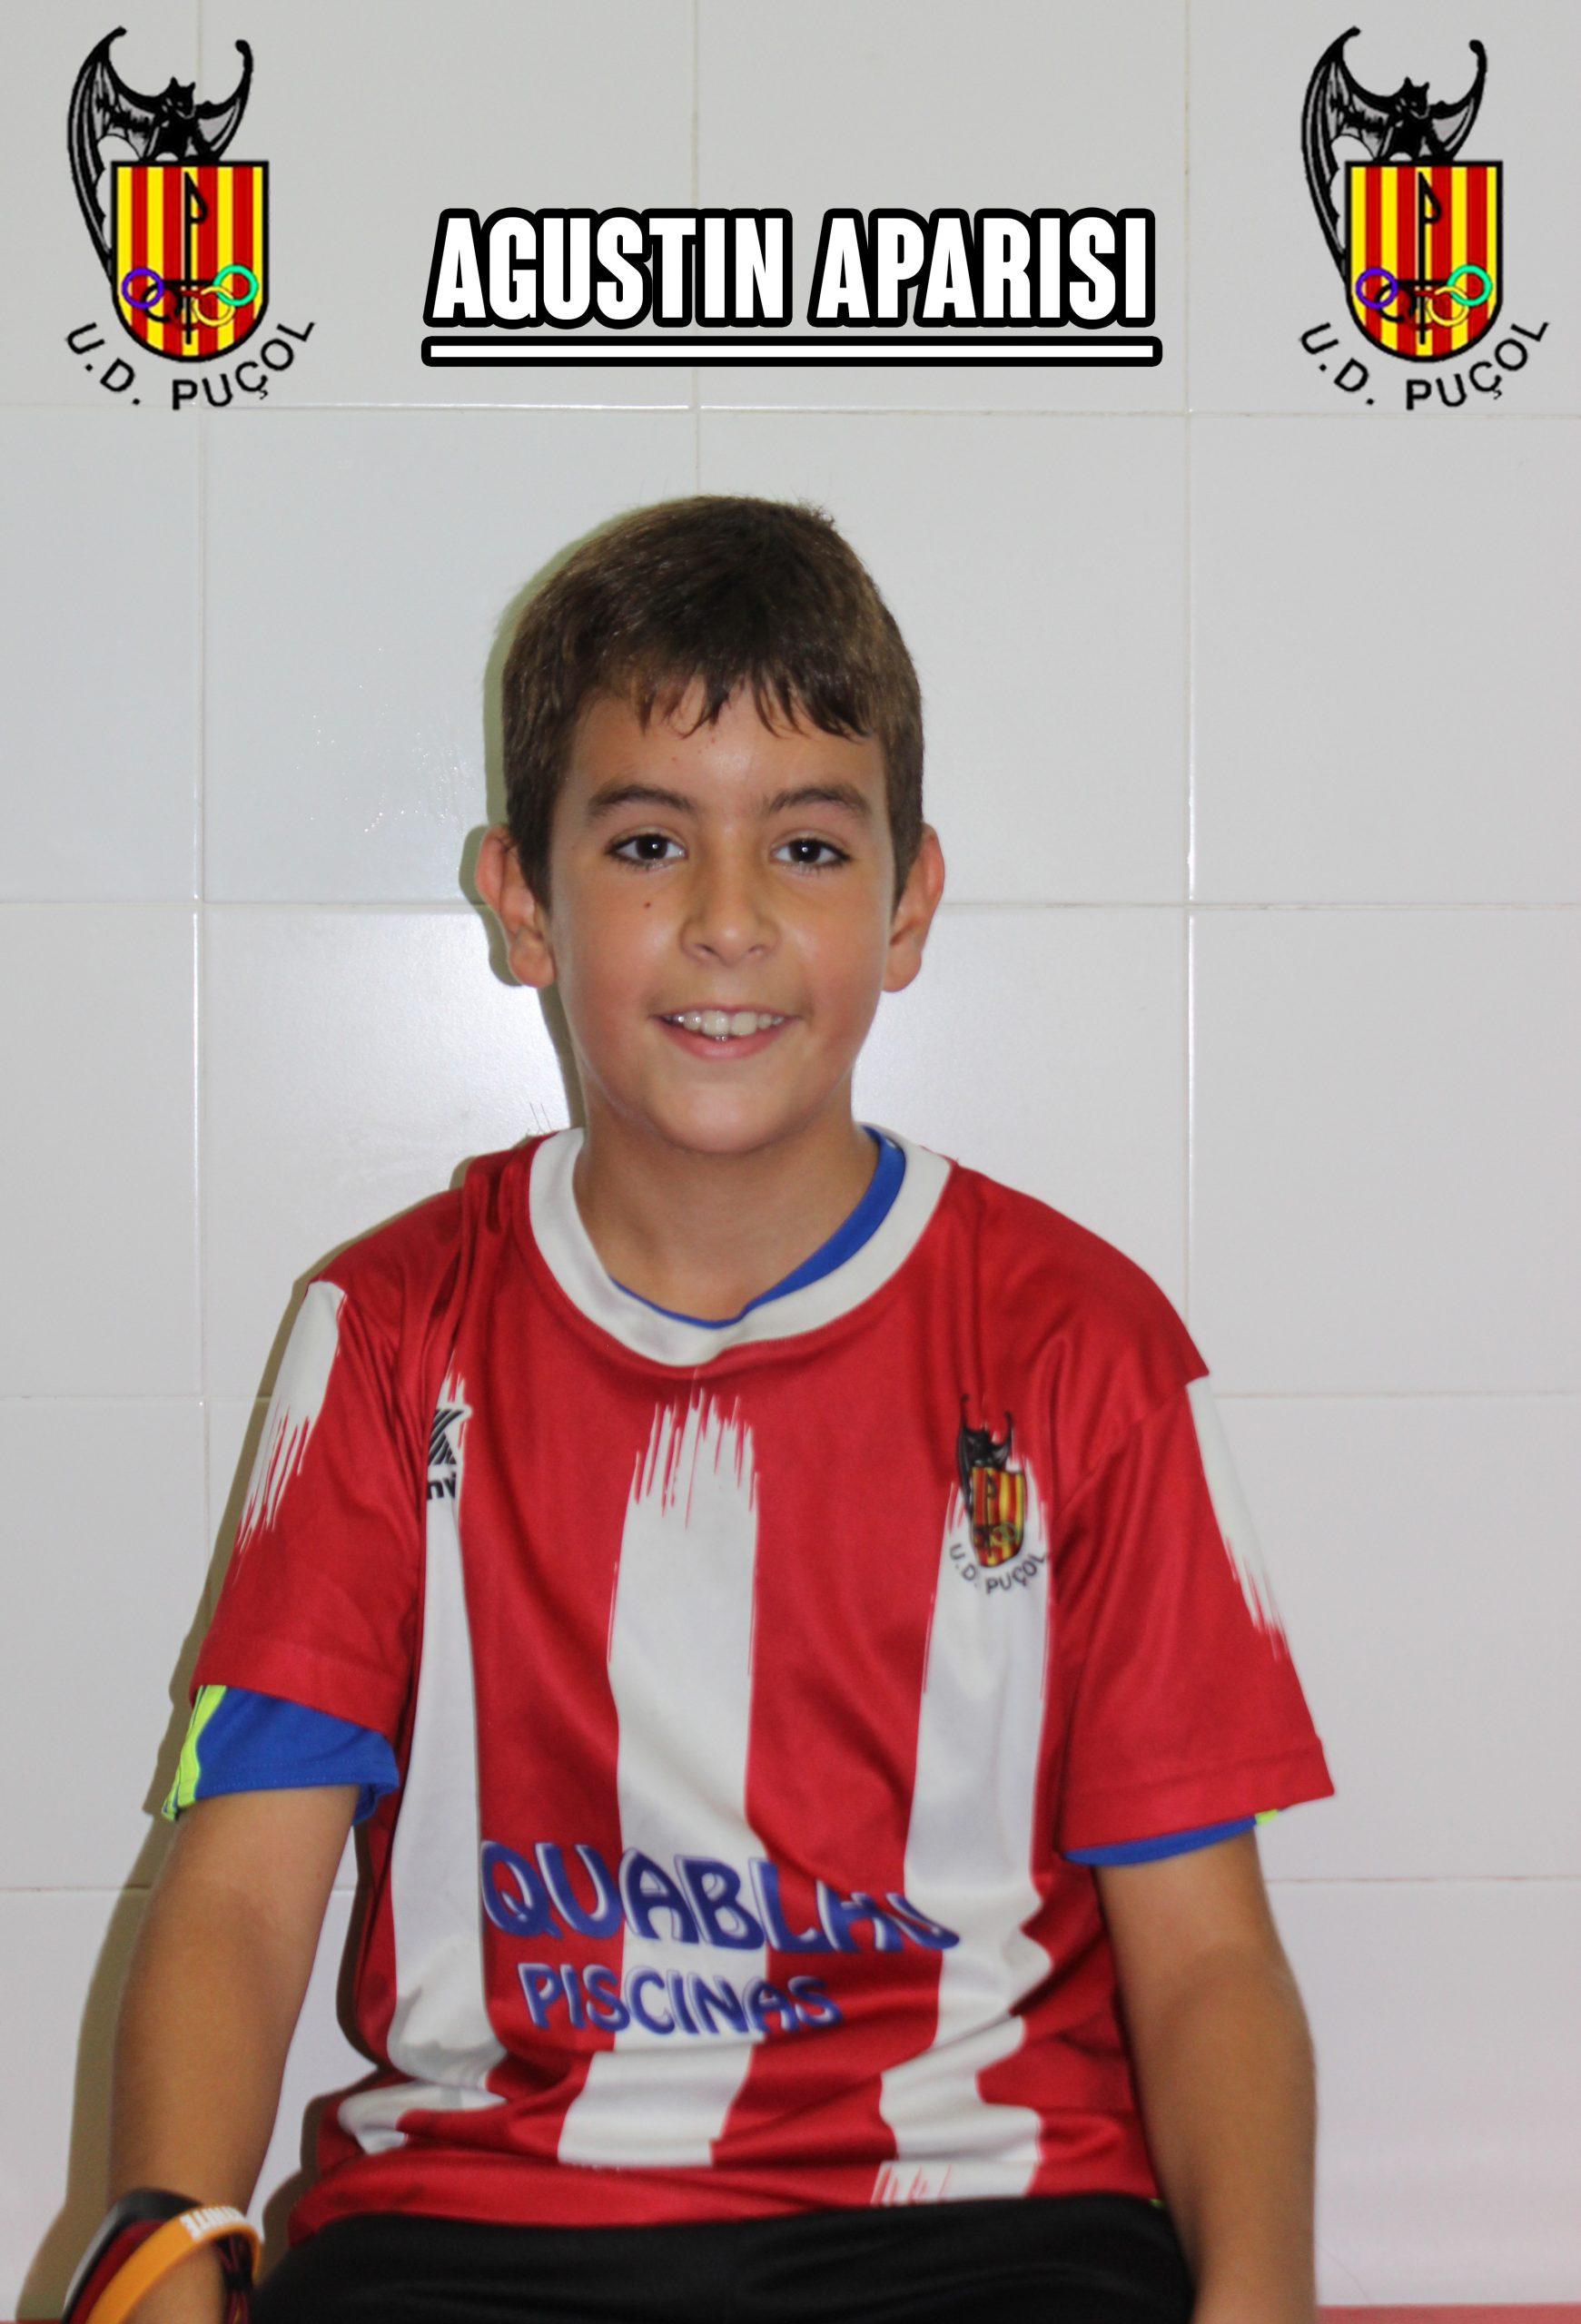 Agustín Aparisi